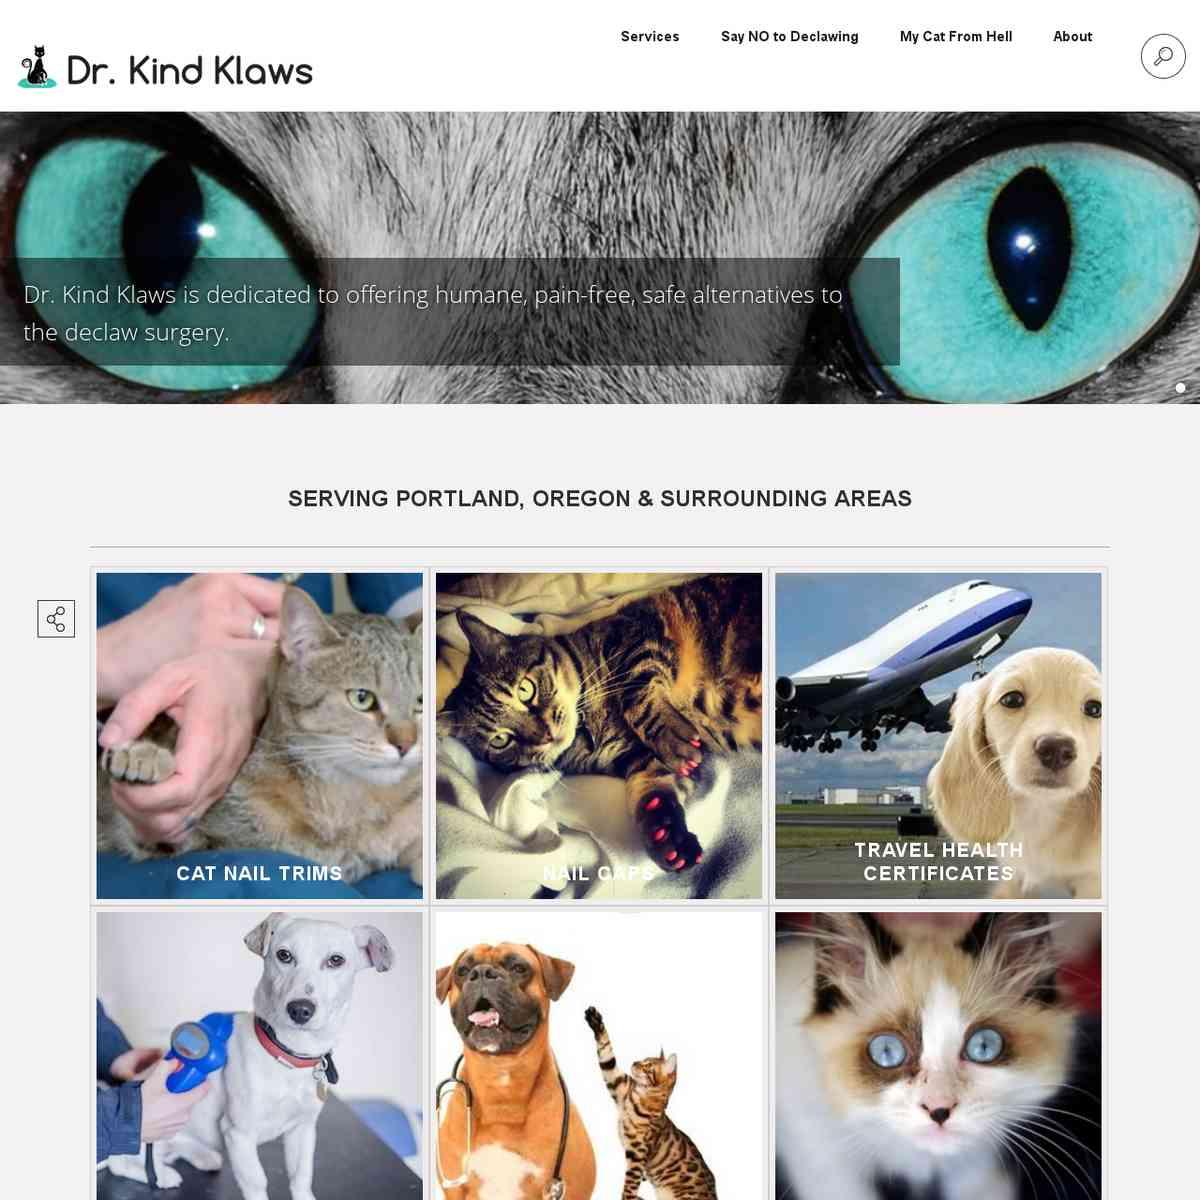 Dr. Kind Klaws